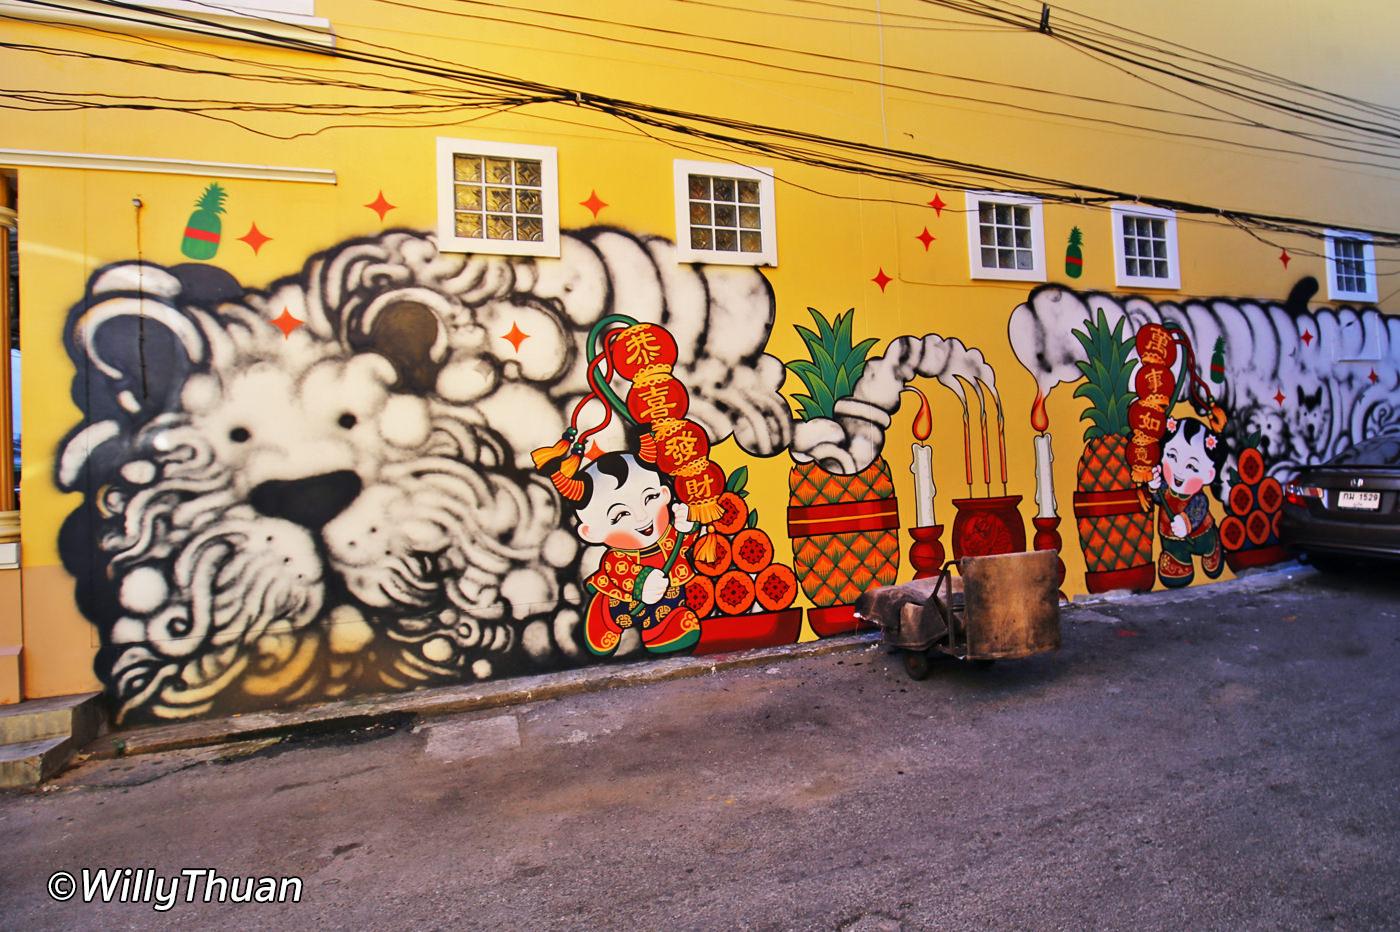 Phuket Street Art – Mural Paintings inPhuket Town